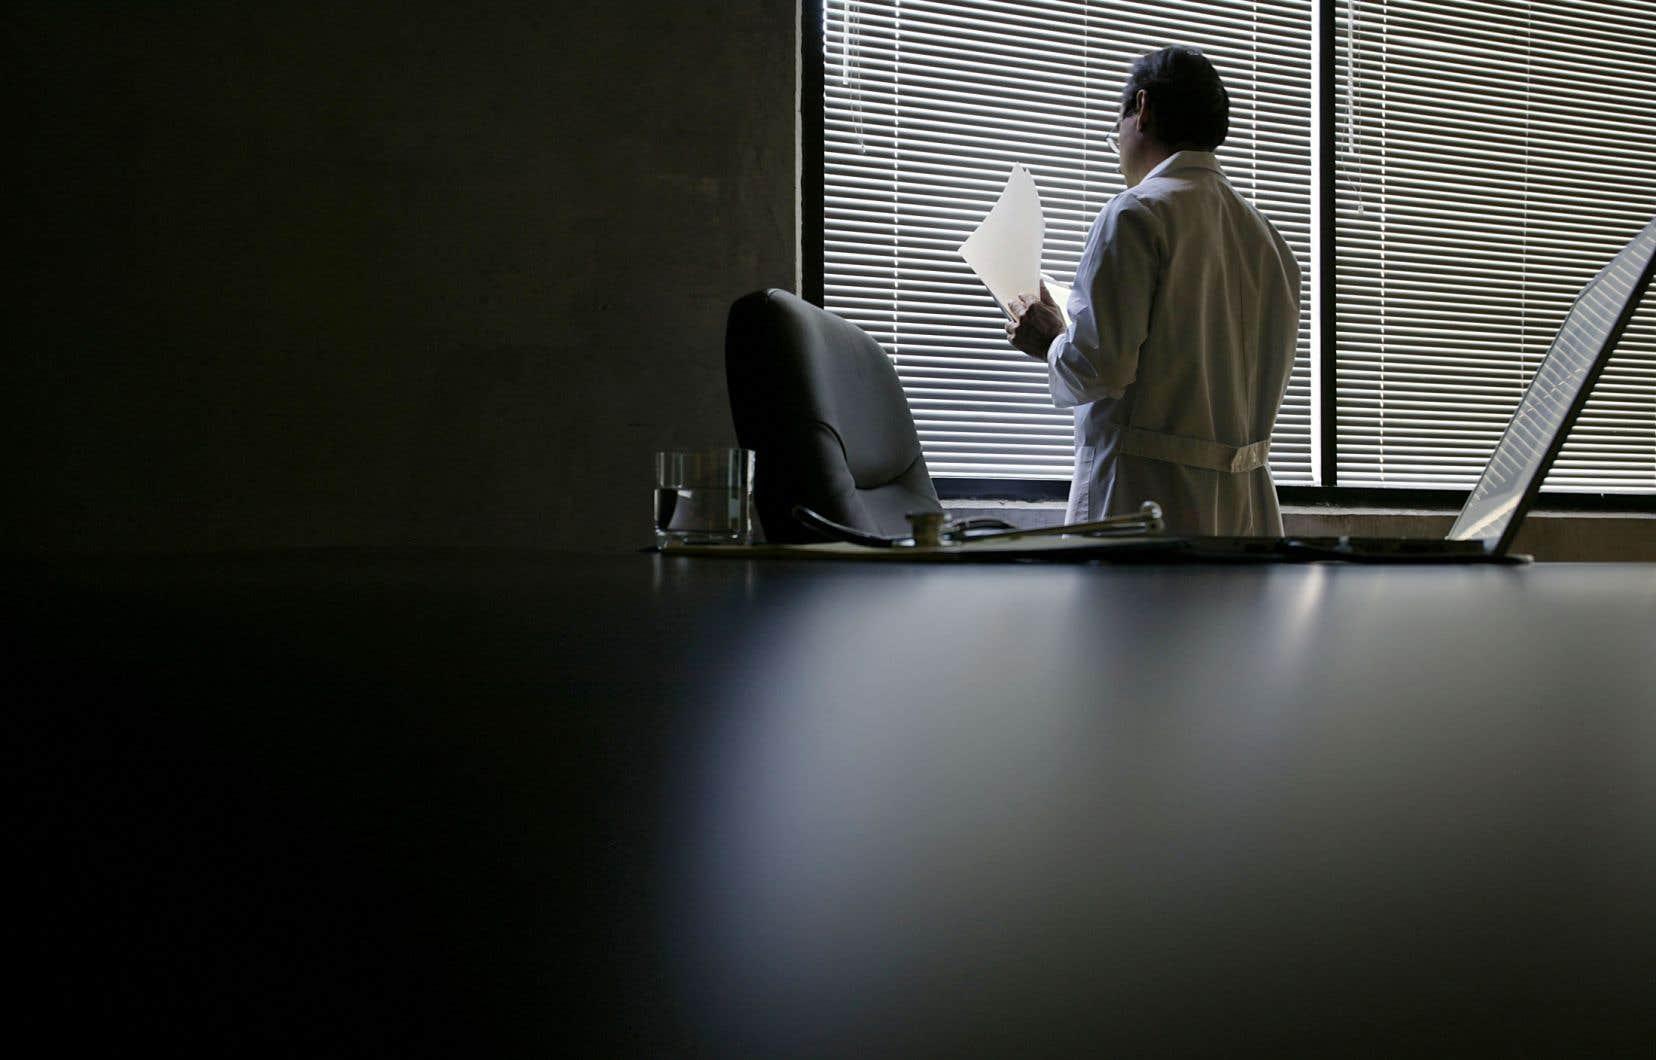 Les médecins interrogés sont majoritairement pour l'aide médicale à mourir. Et pourtant, ils sont peu nombreux à prodiguer le soin.